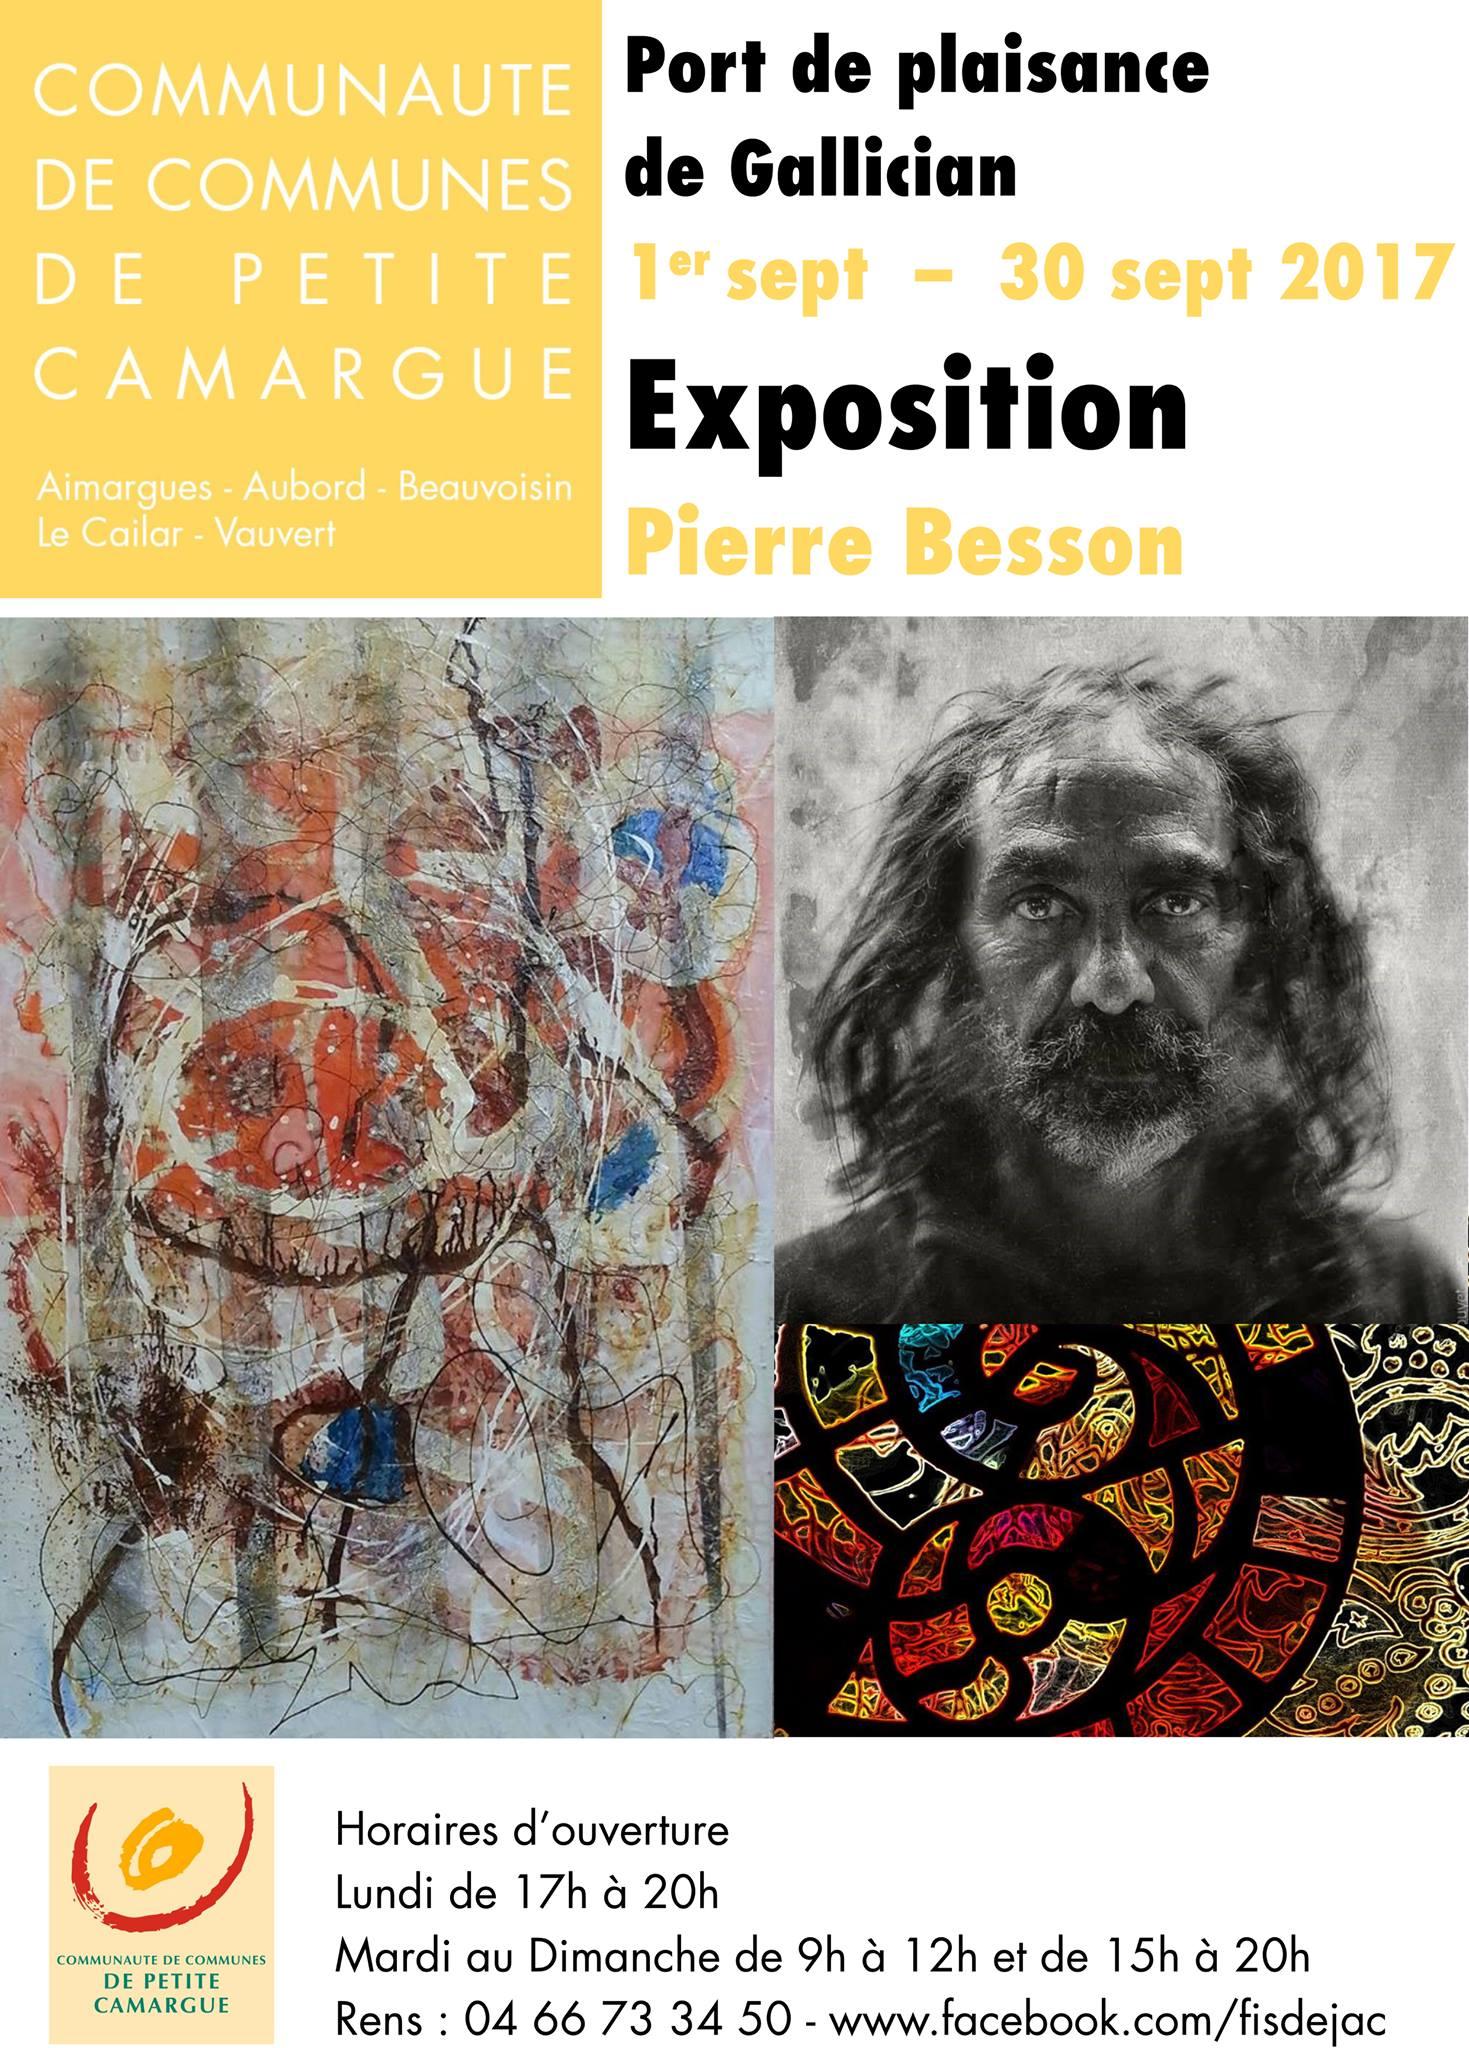 Exposition Pierre Besson @ Port de plaisance de Gallician   Vauvert   Occitanie   France